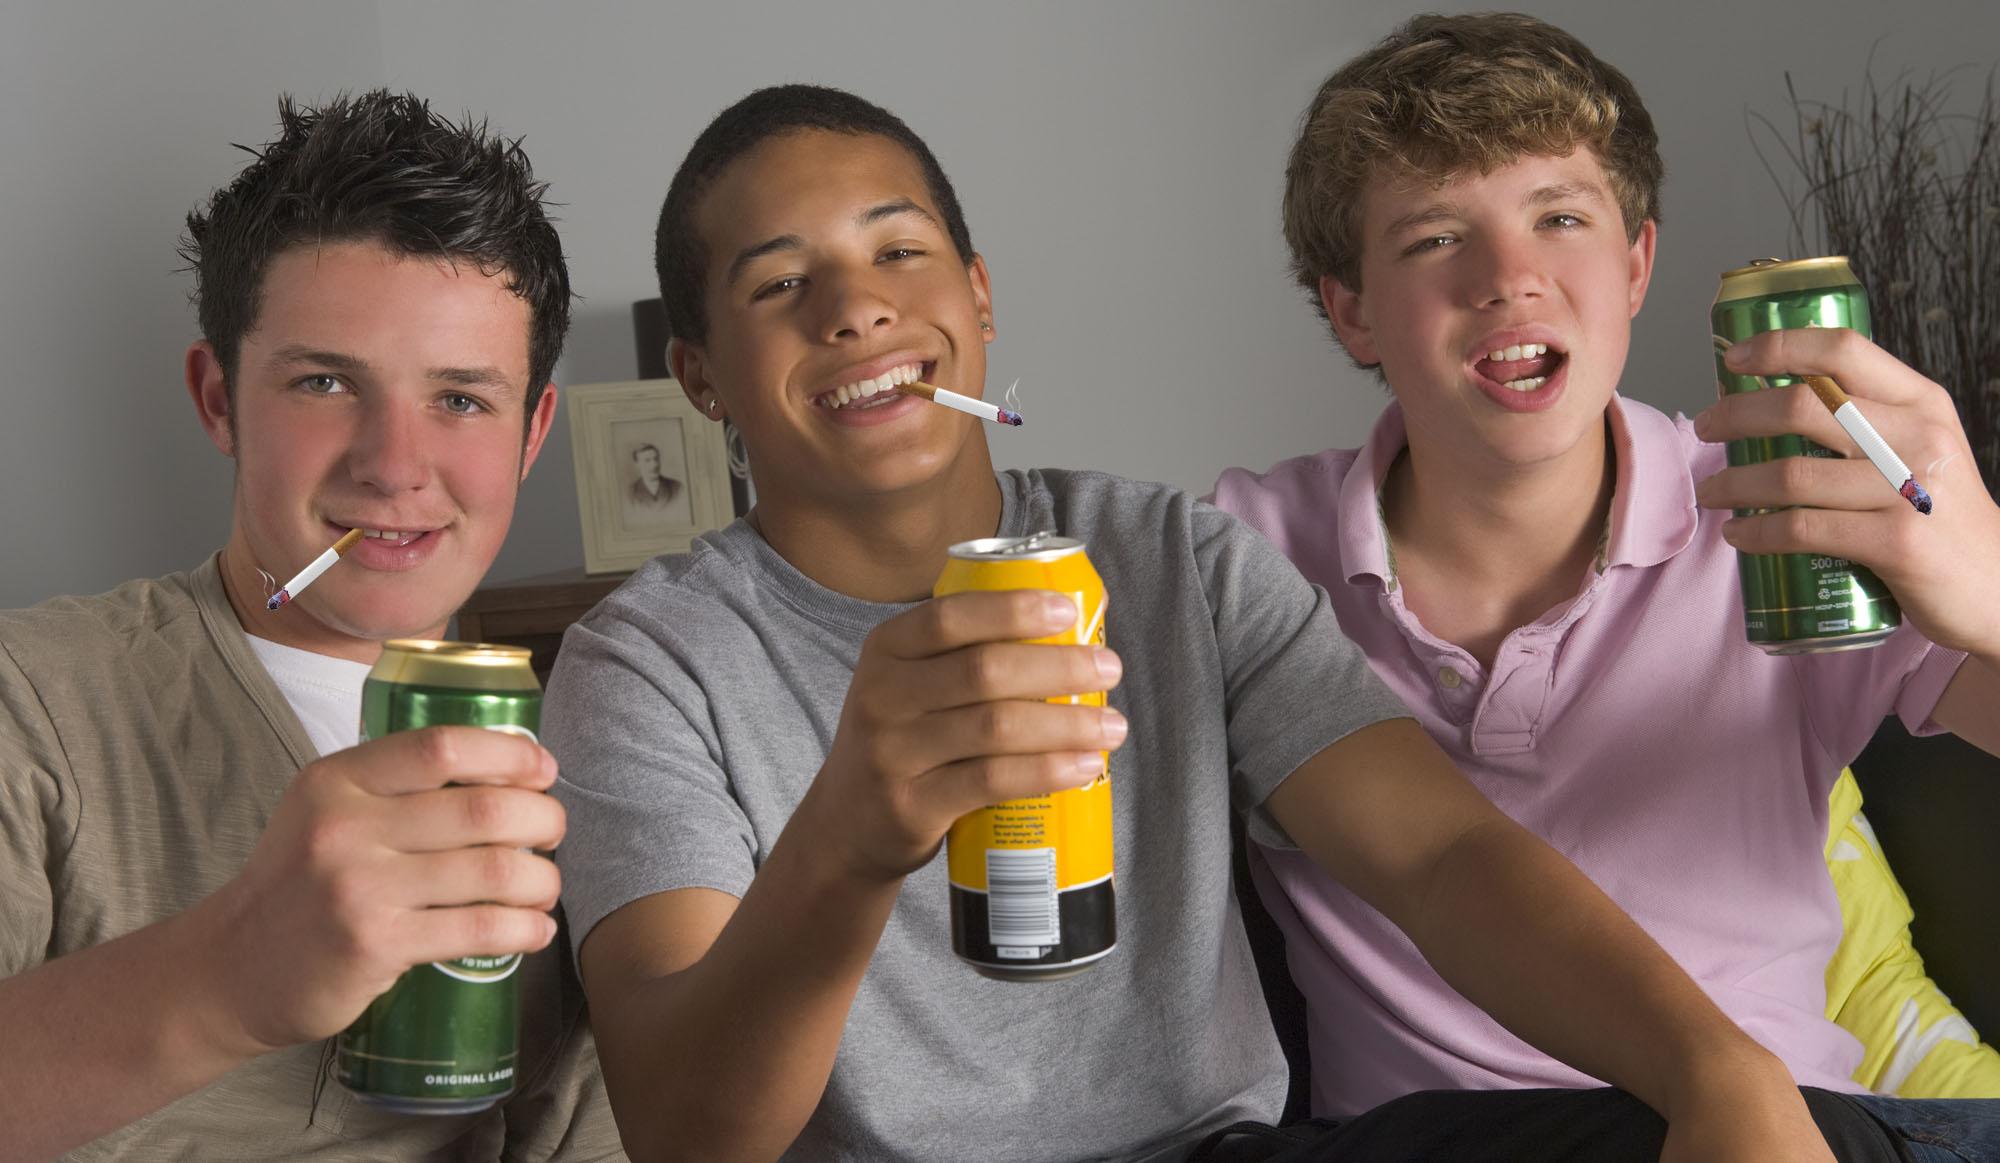 Kinder mit Bier und Zigaretten